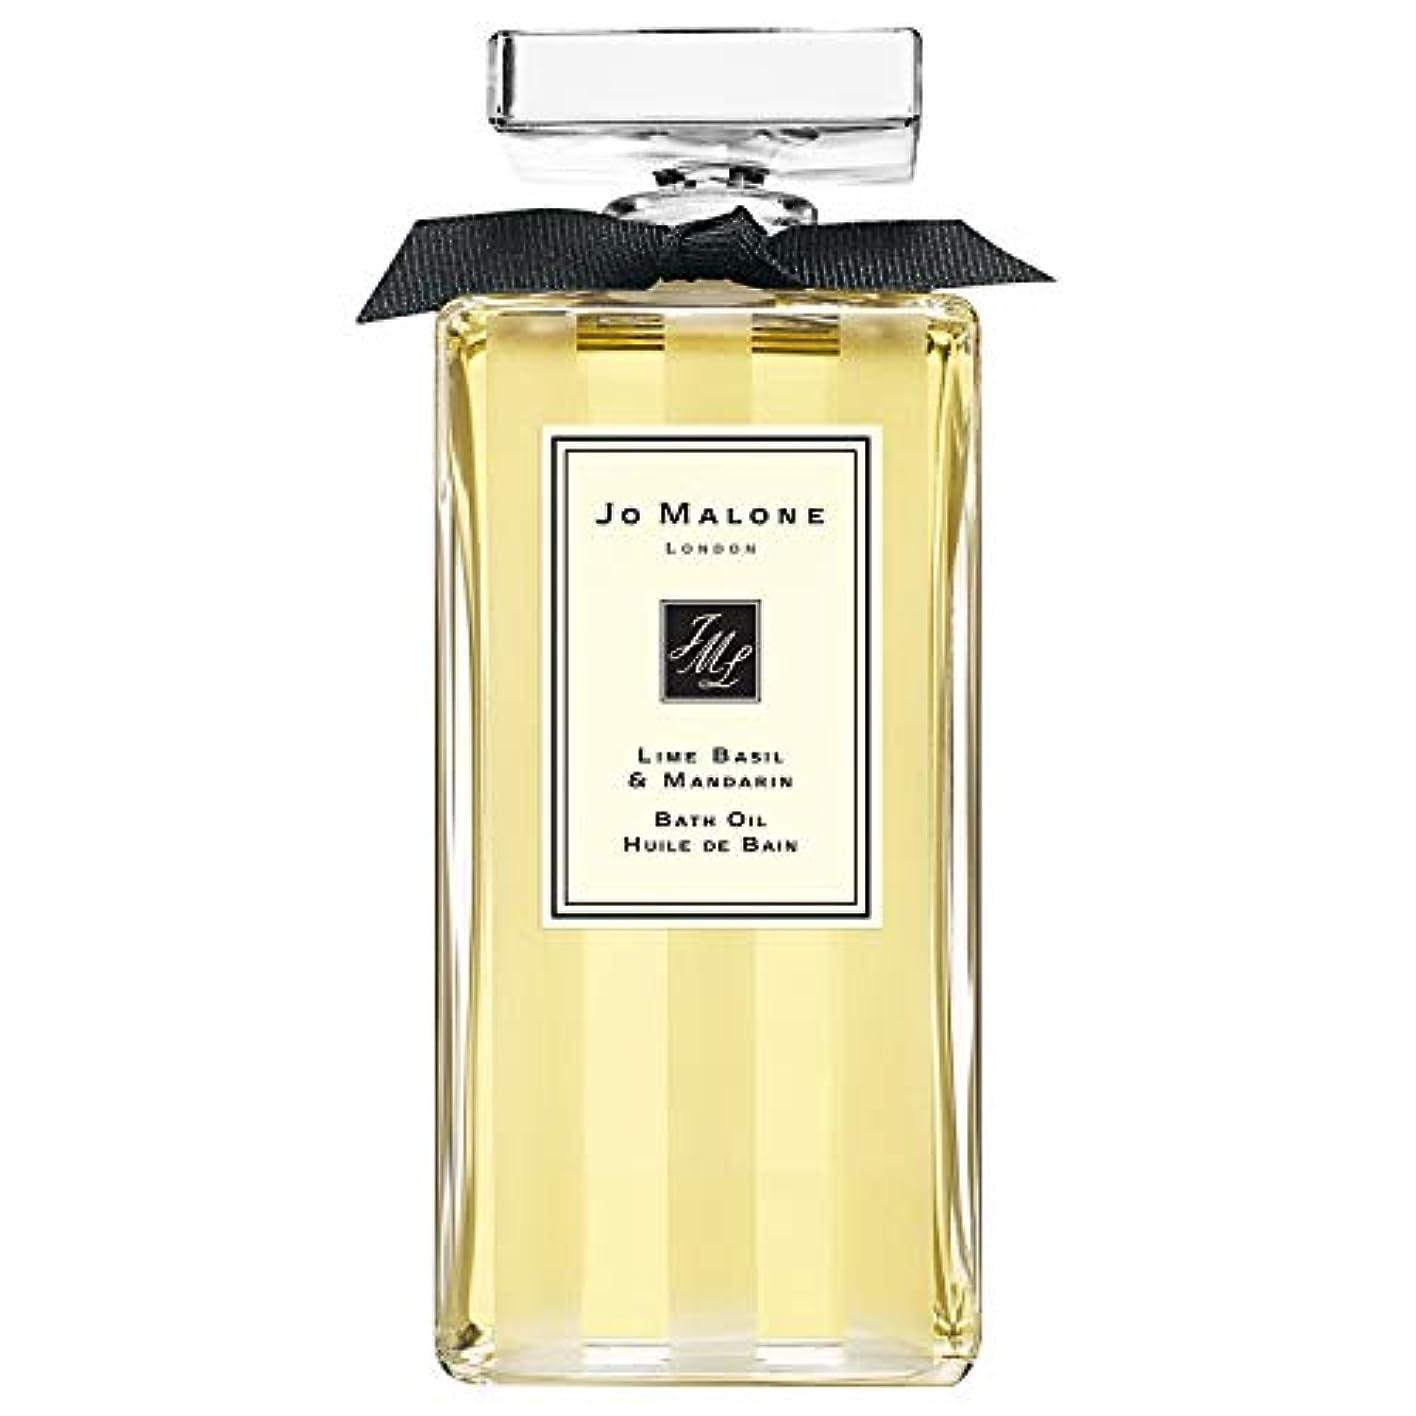 シネマ出します童謡[Jo Malone] ジョーマローンロンドンライムバジル&マンダリンバスオイル200ミリリットル - Jo Malone London Lime Basil & Mandarin Bath Oil 200ml [並行輸入品]